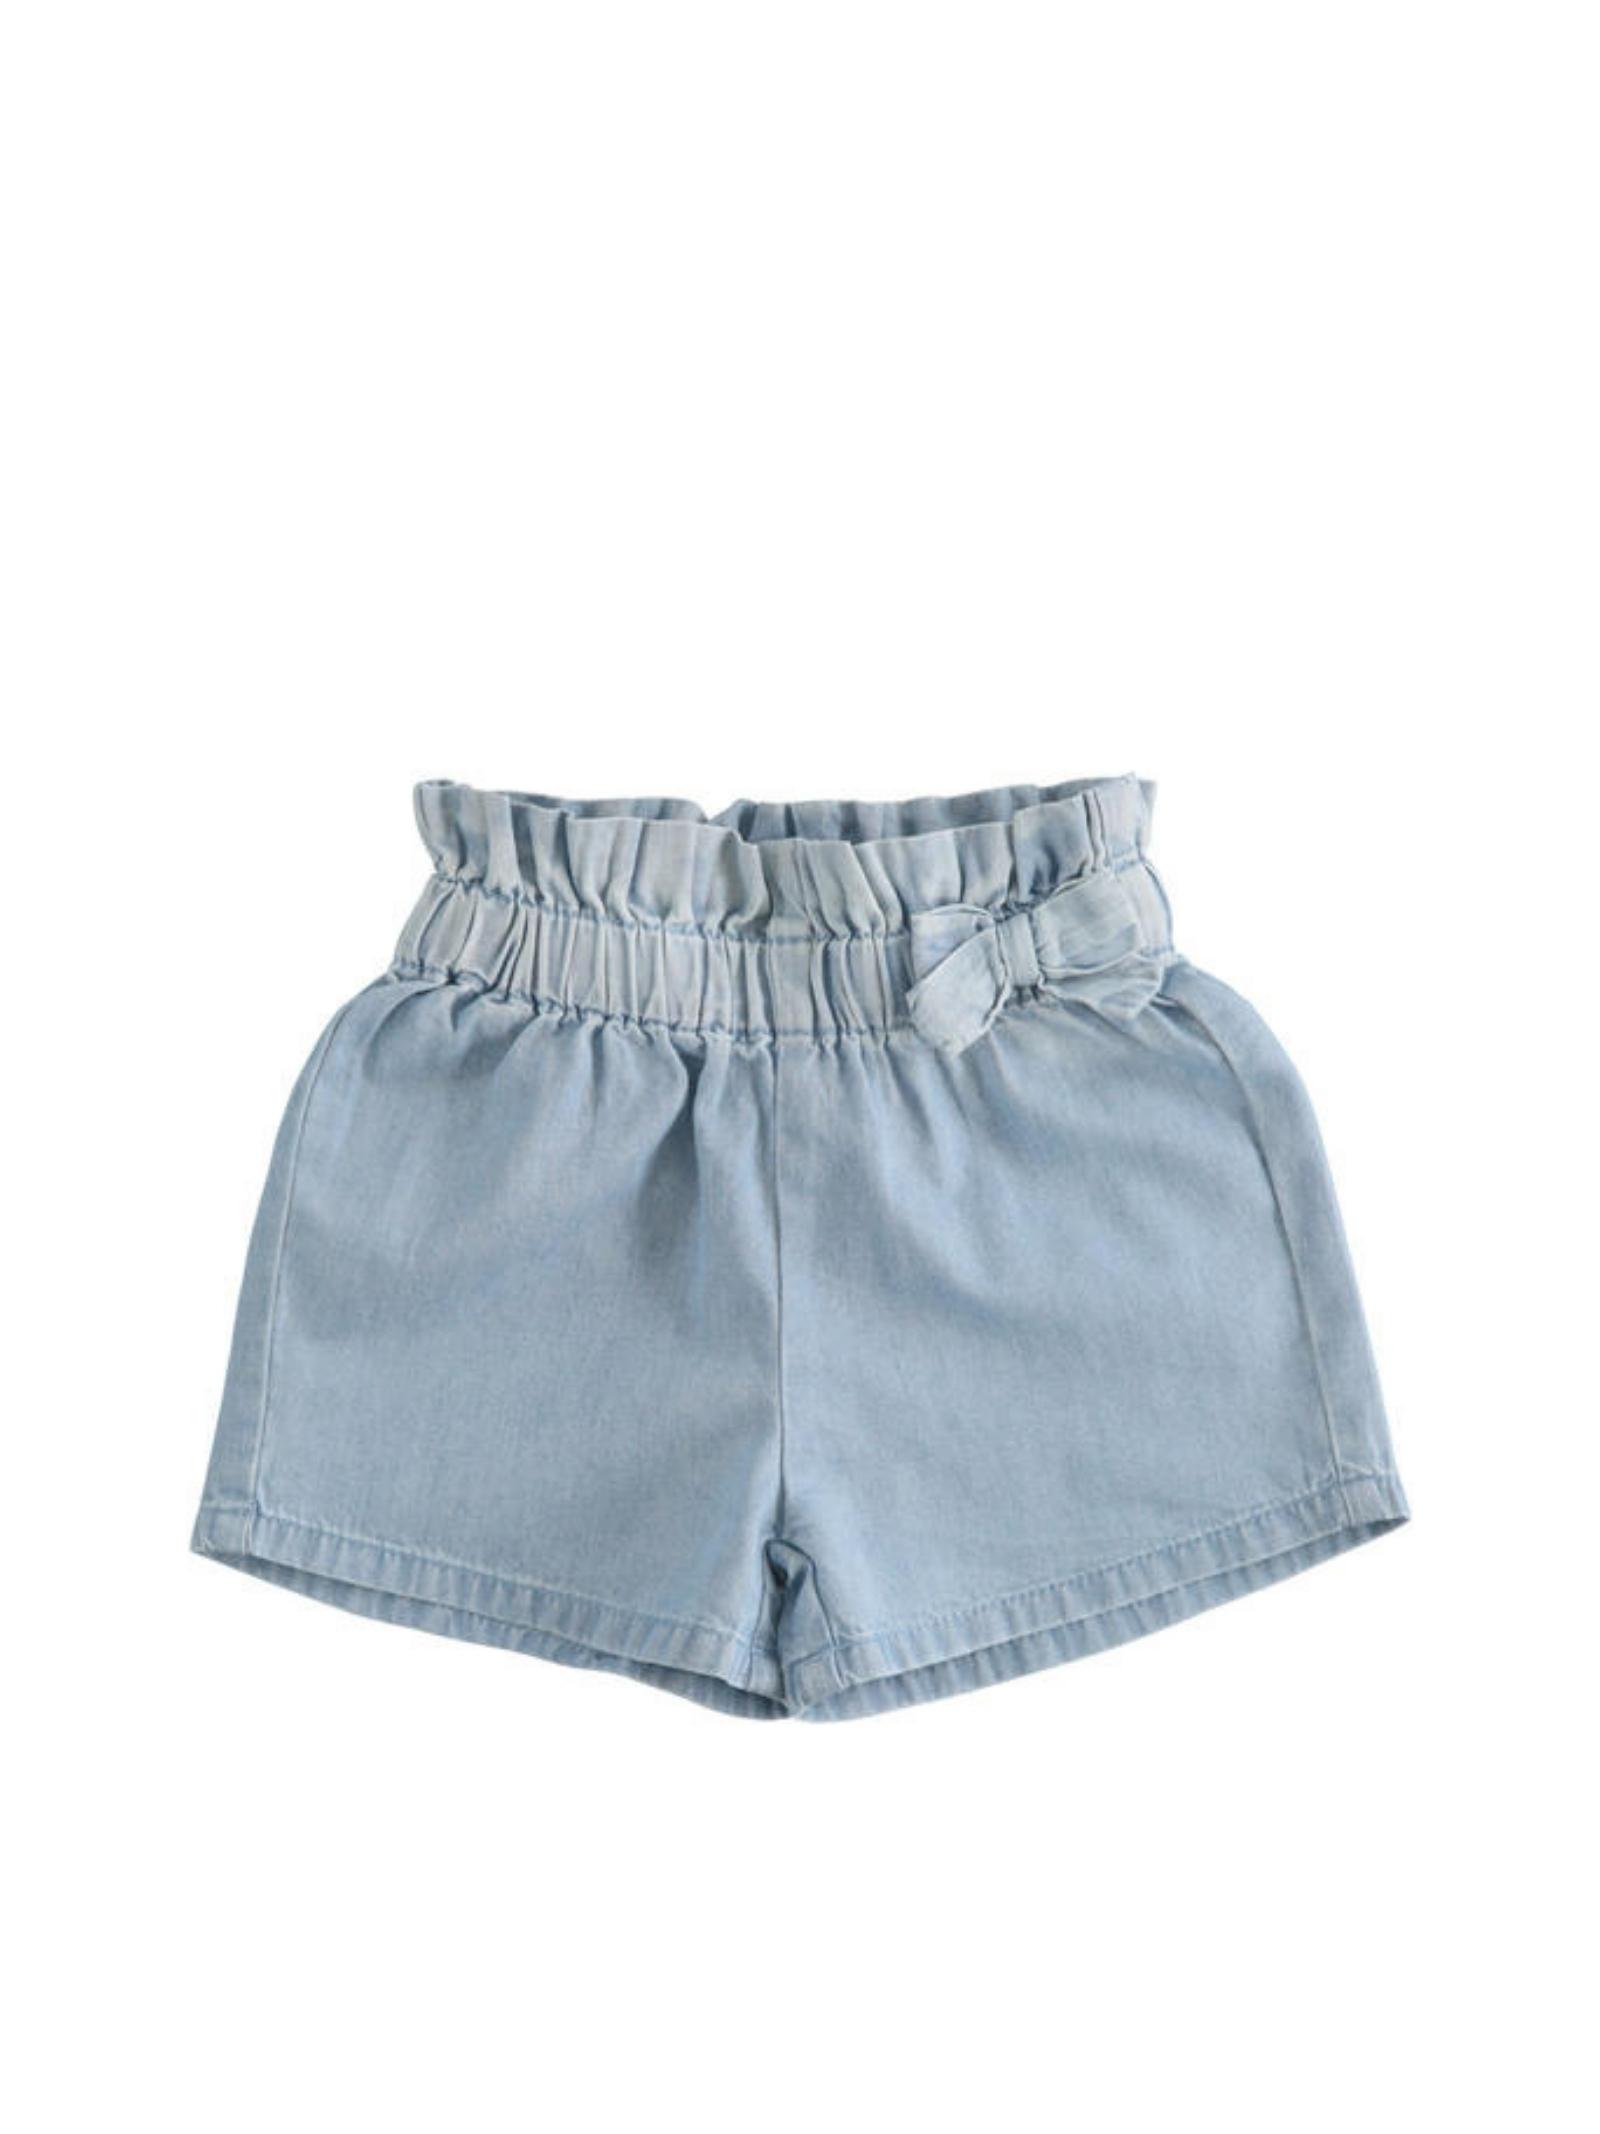 MINIBANDA | Shorts | 32744007310